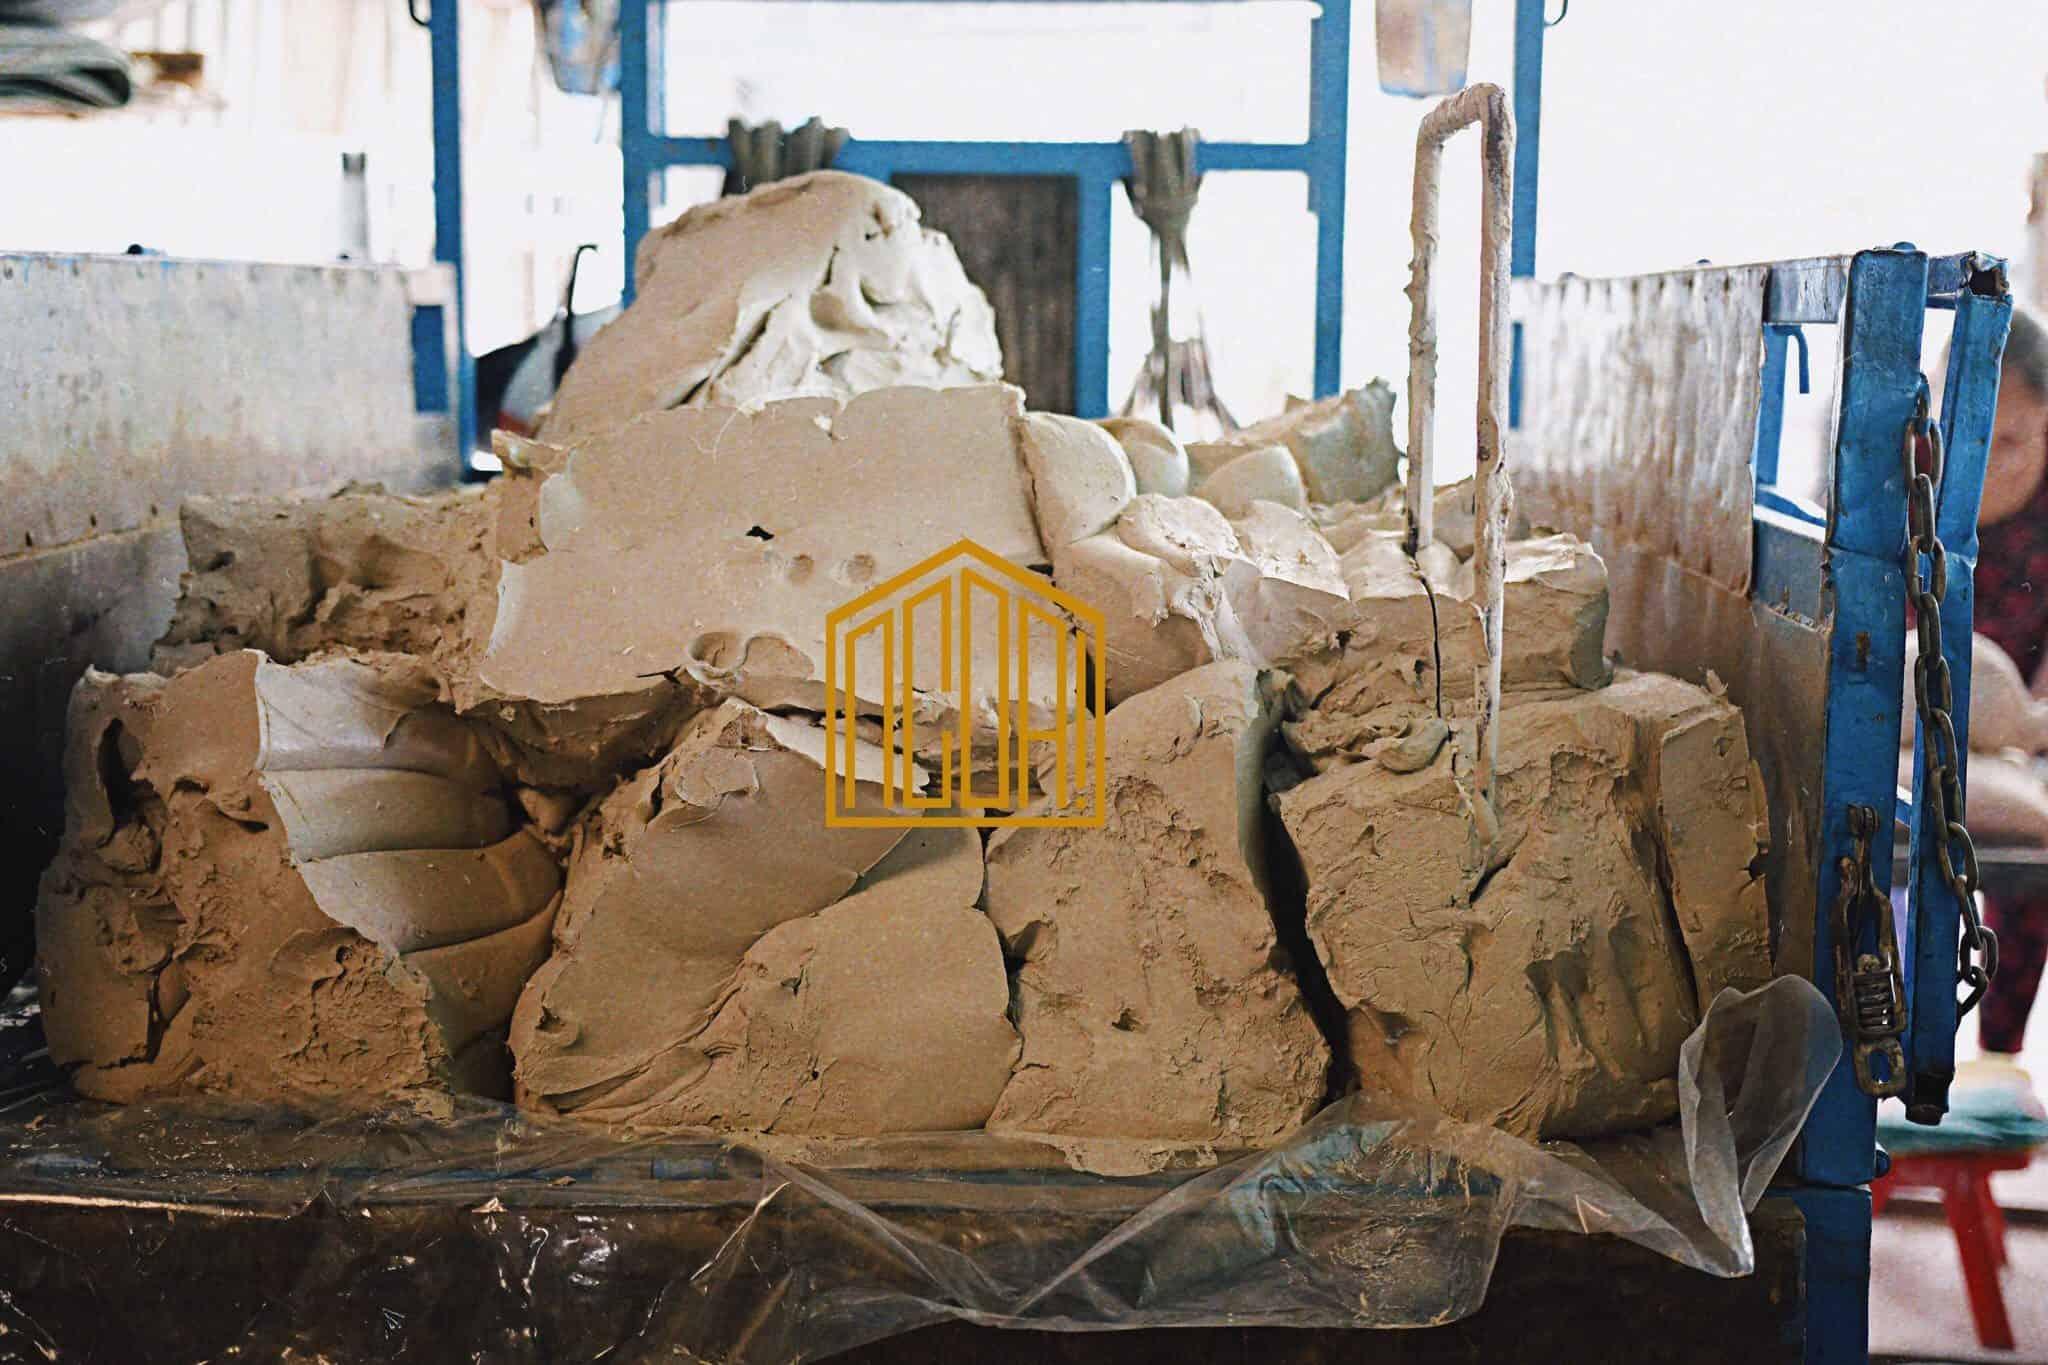 Đất sét được mua từ nhà máy, đã qua xử lí , được chuyển về xưởng